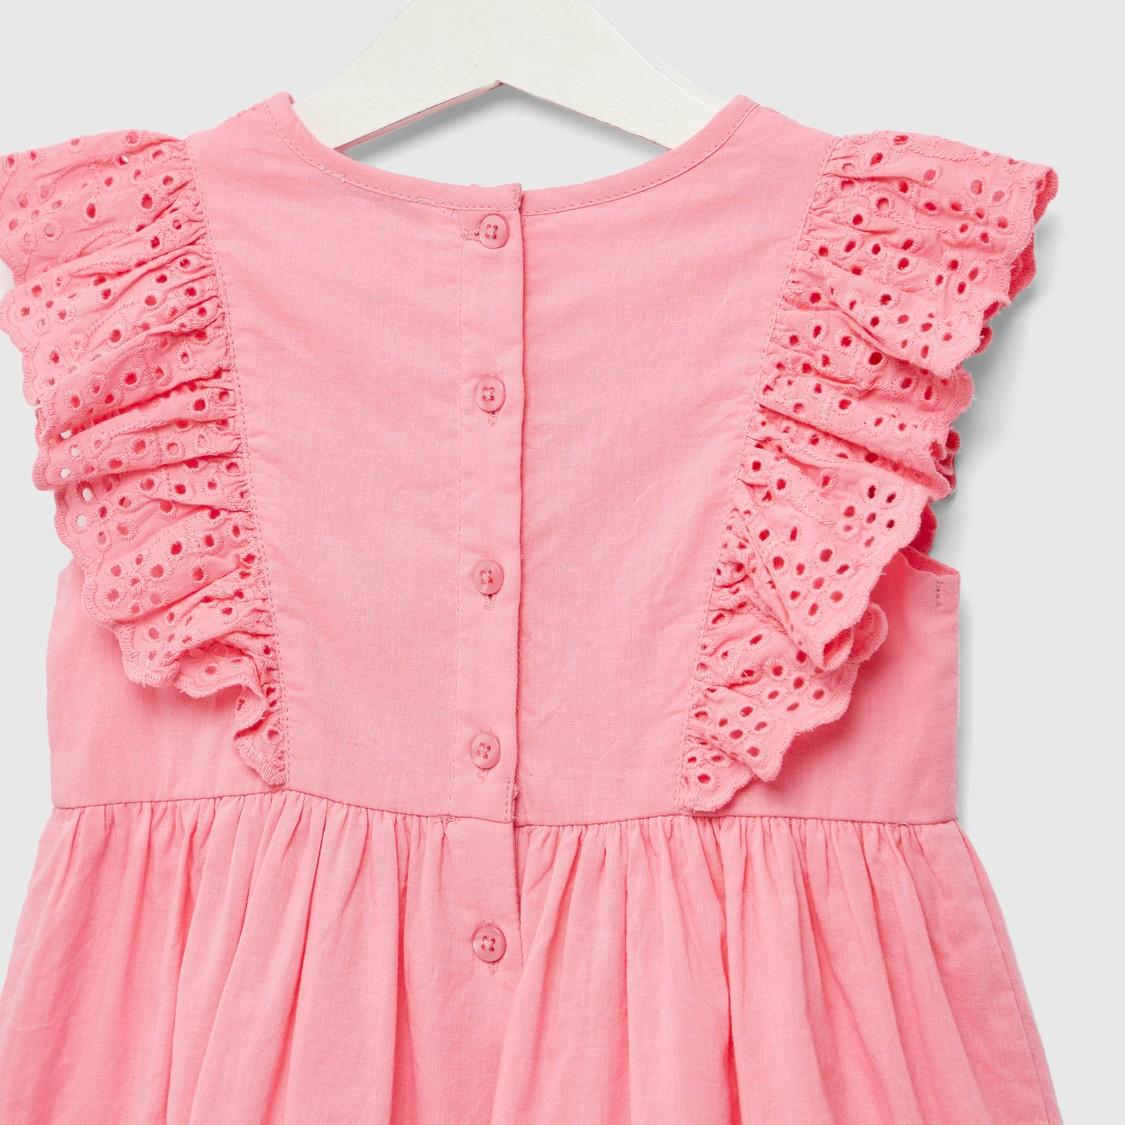 فستان شيفلي بياقة مستديرة بدون أكمام وزر إغلاق